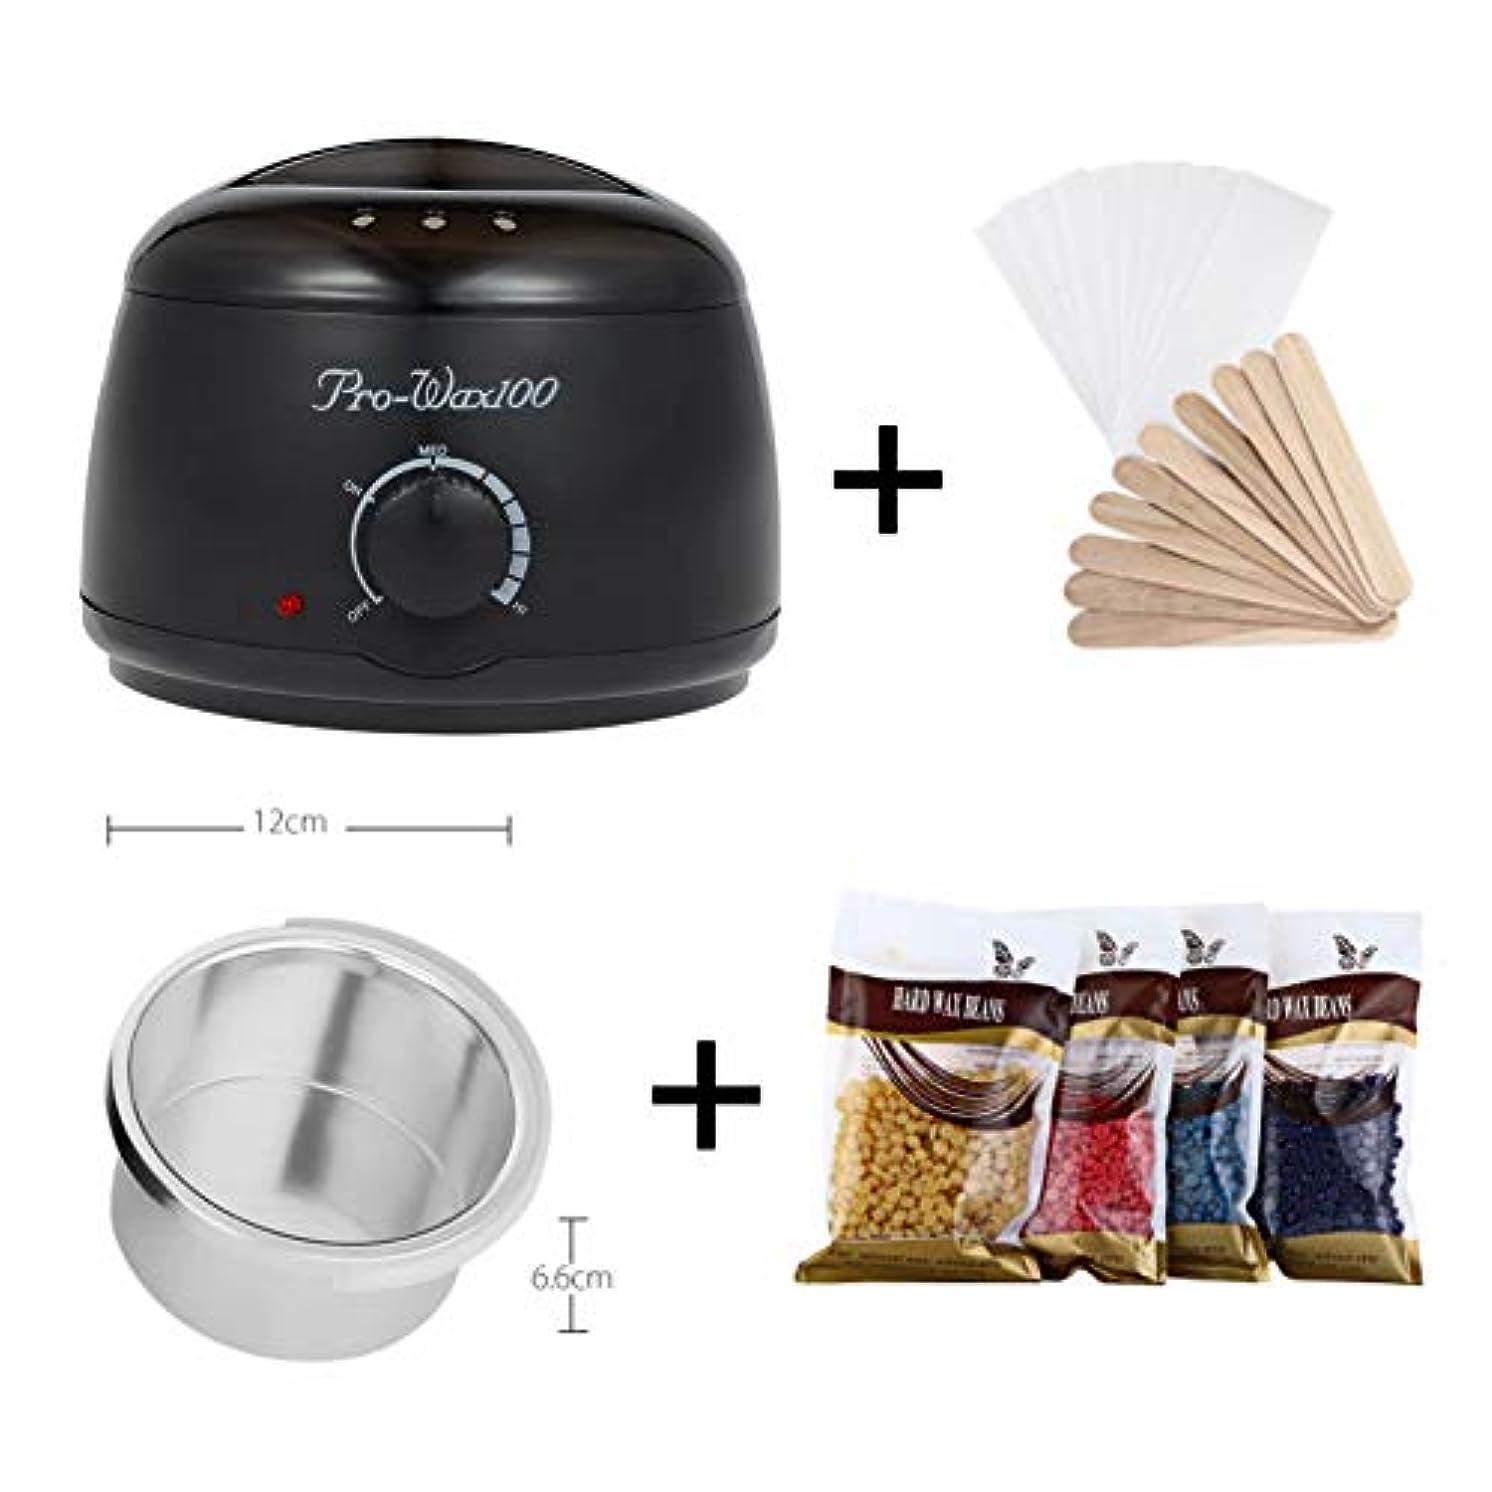 解体する異議エーカーProfessional Mini Wax Heater Hair Removal Tool Epilator Wax Warmer Hand Epilator Wax Machine with Temperature...